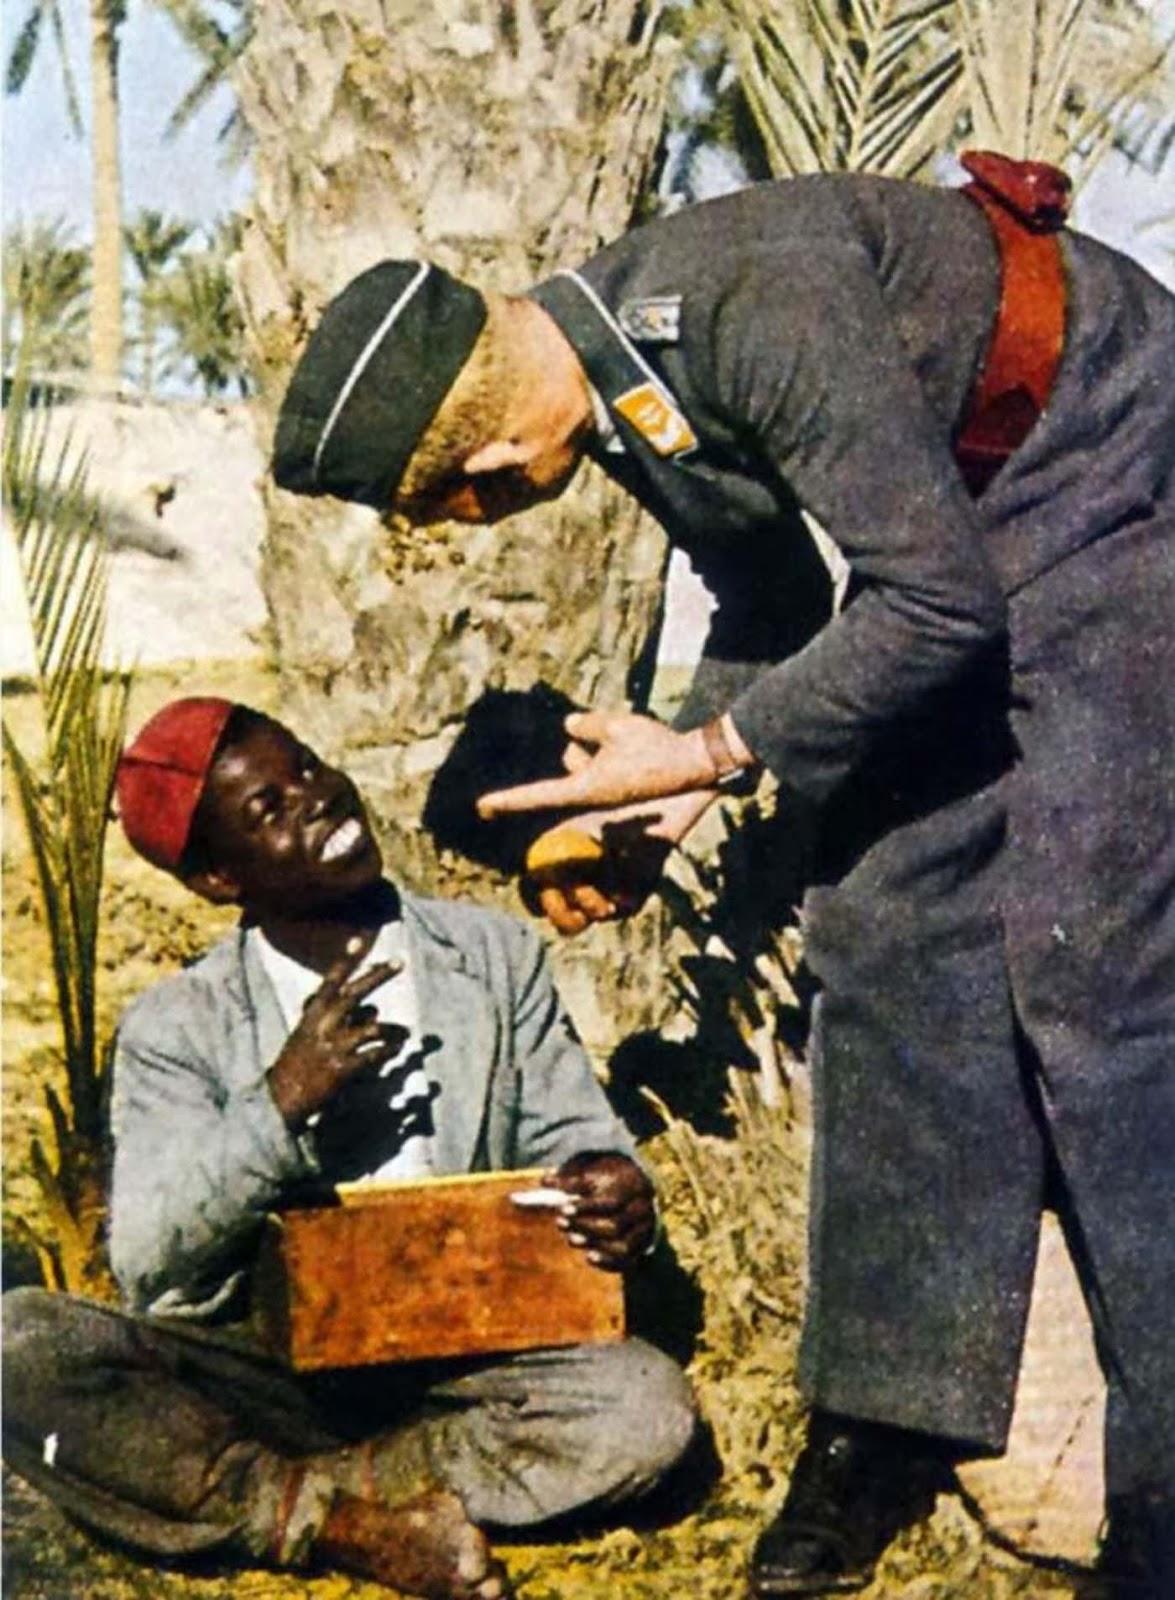 Un miembro de la Luftwaffe intercambia regalos con un nativo en el norte de África, 1941.